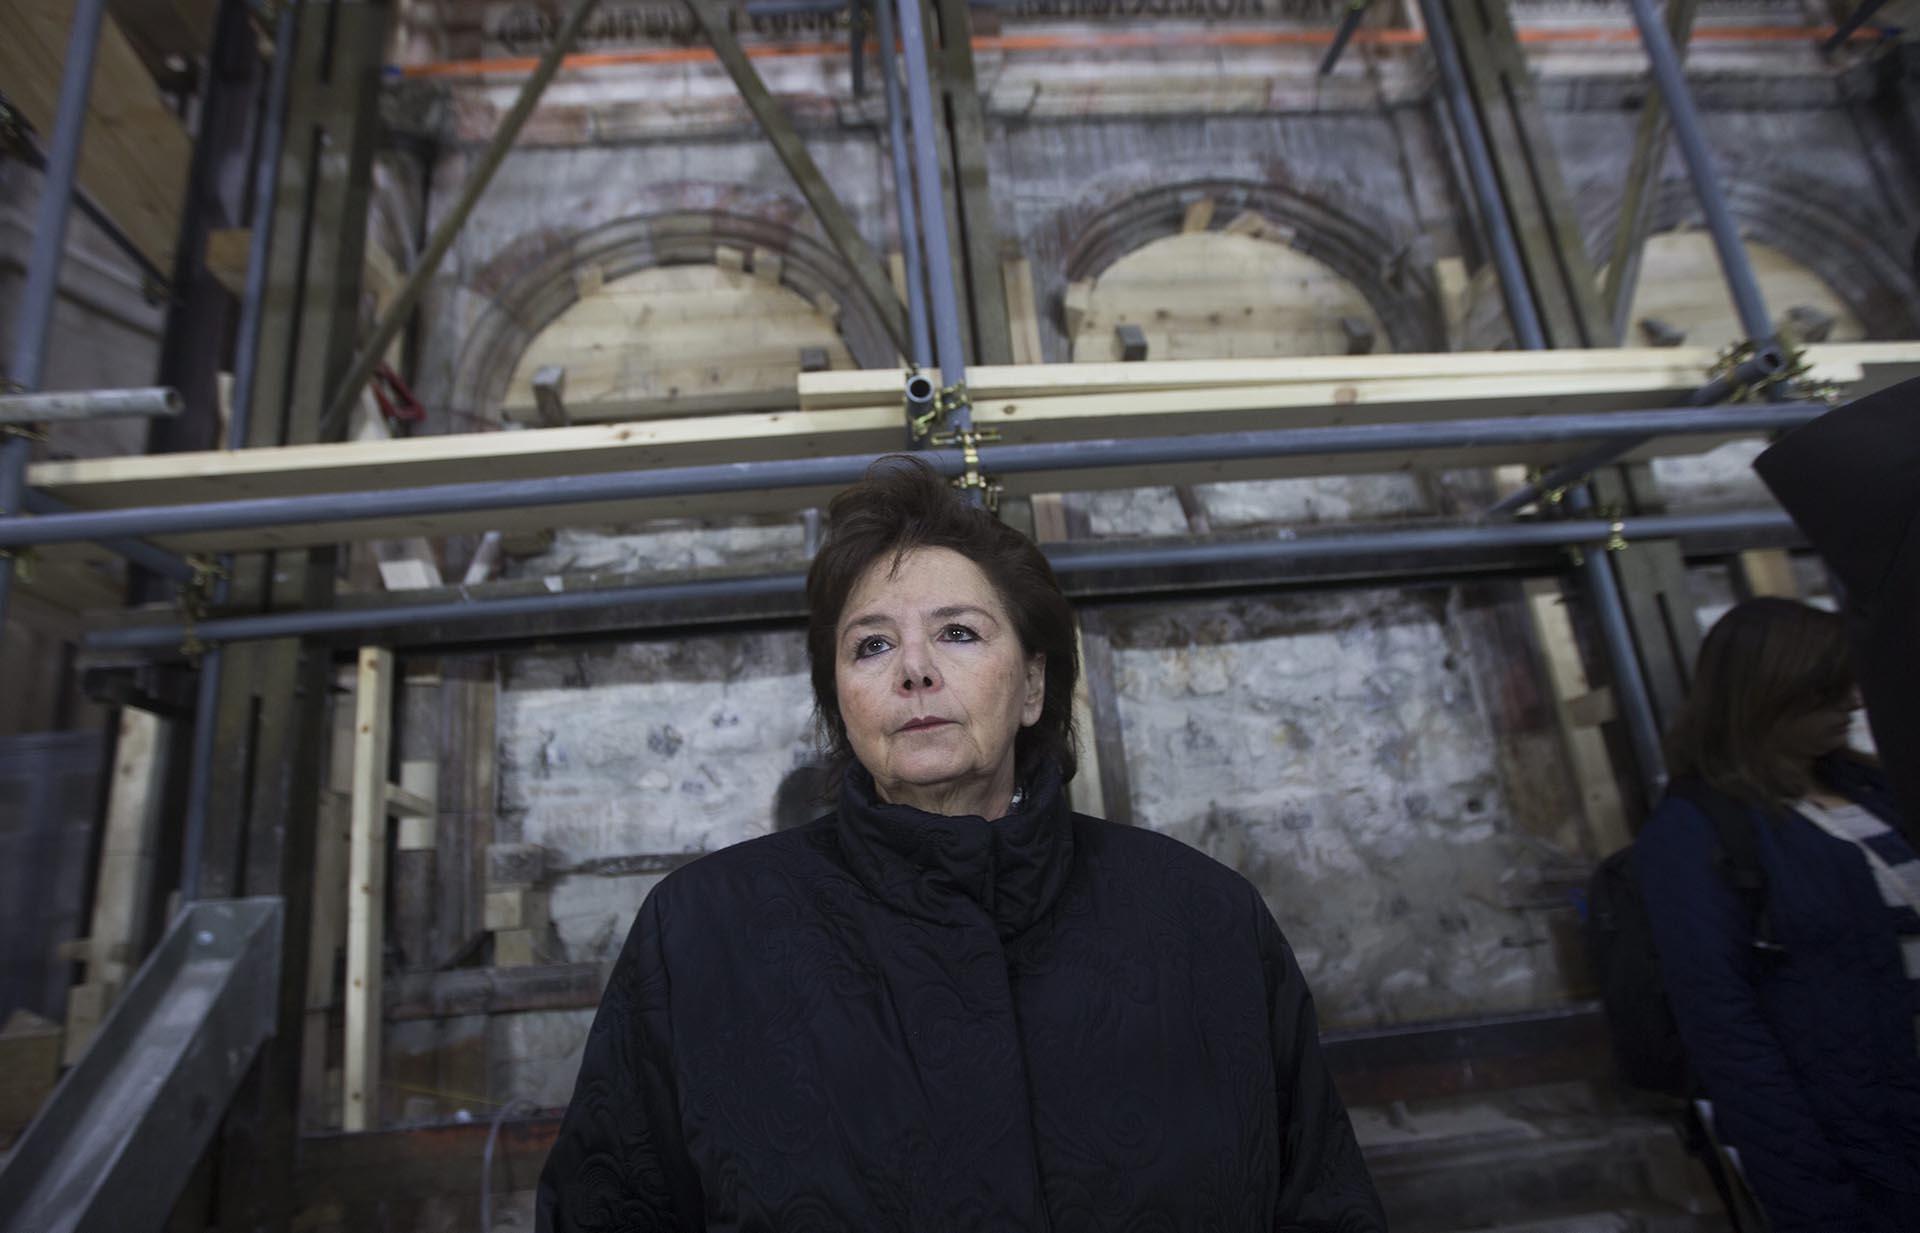 El Santo Sepulcro/Visita virtual /Apertura de la Tumba de Cristo Restauracion-tumba-Jesucristo-Jerusalen-sf-2